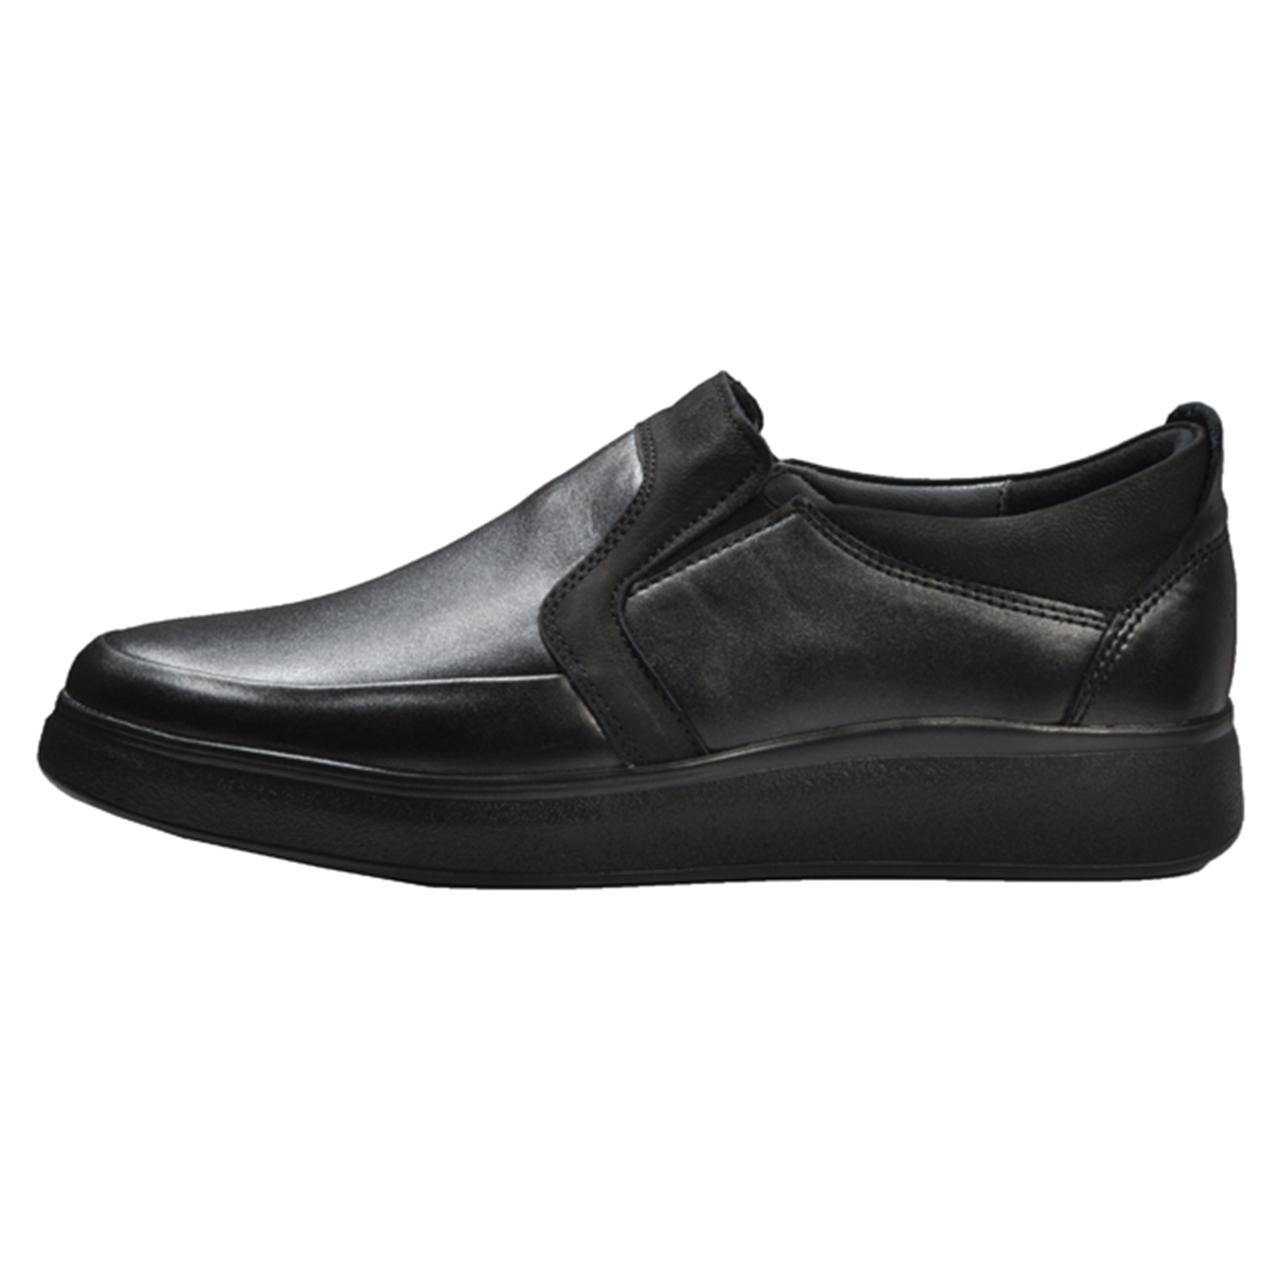 کفش طبی مردانه آریوان مدل AR205 M